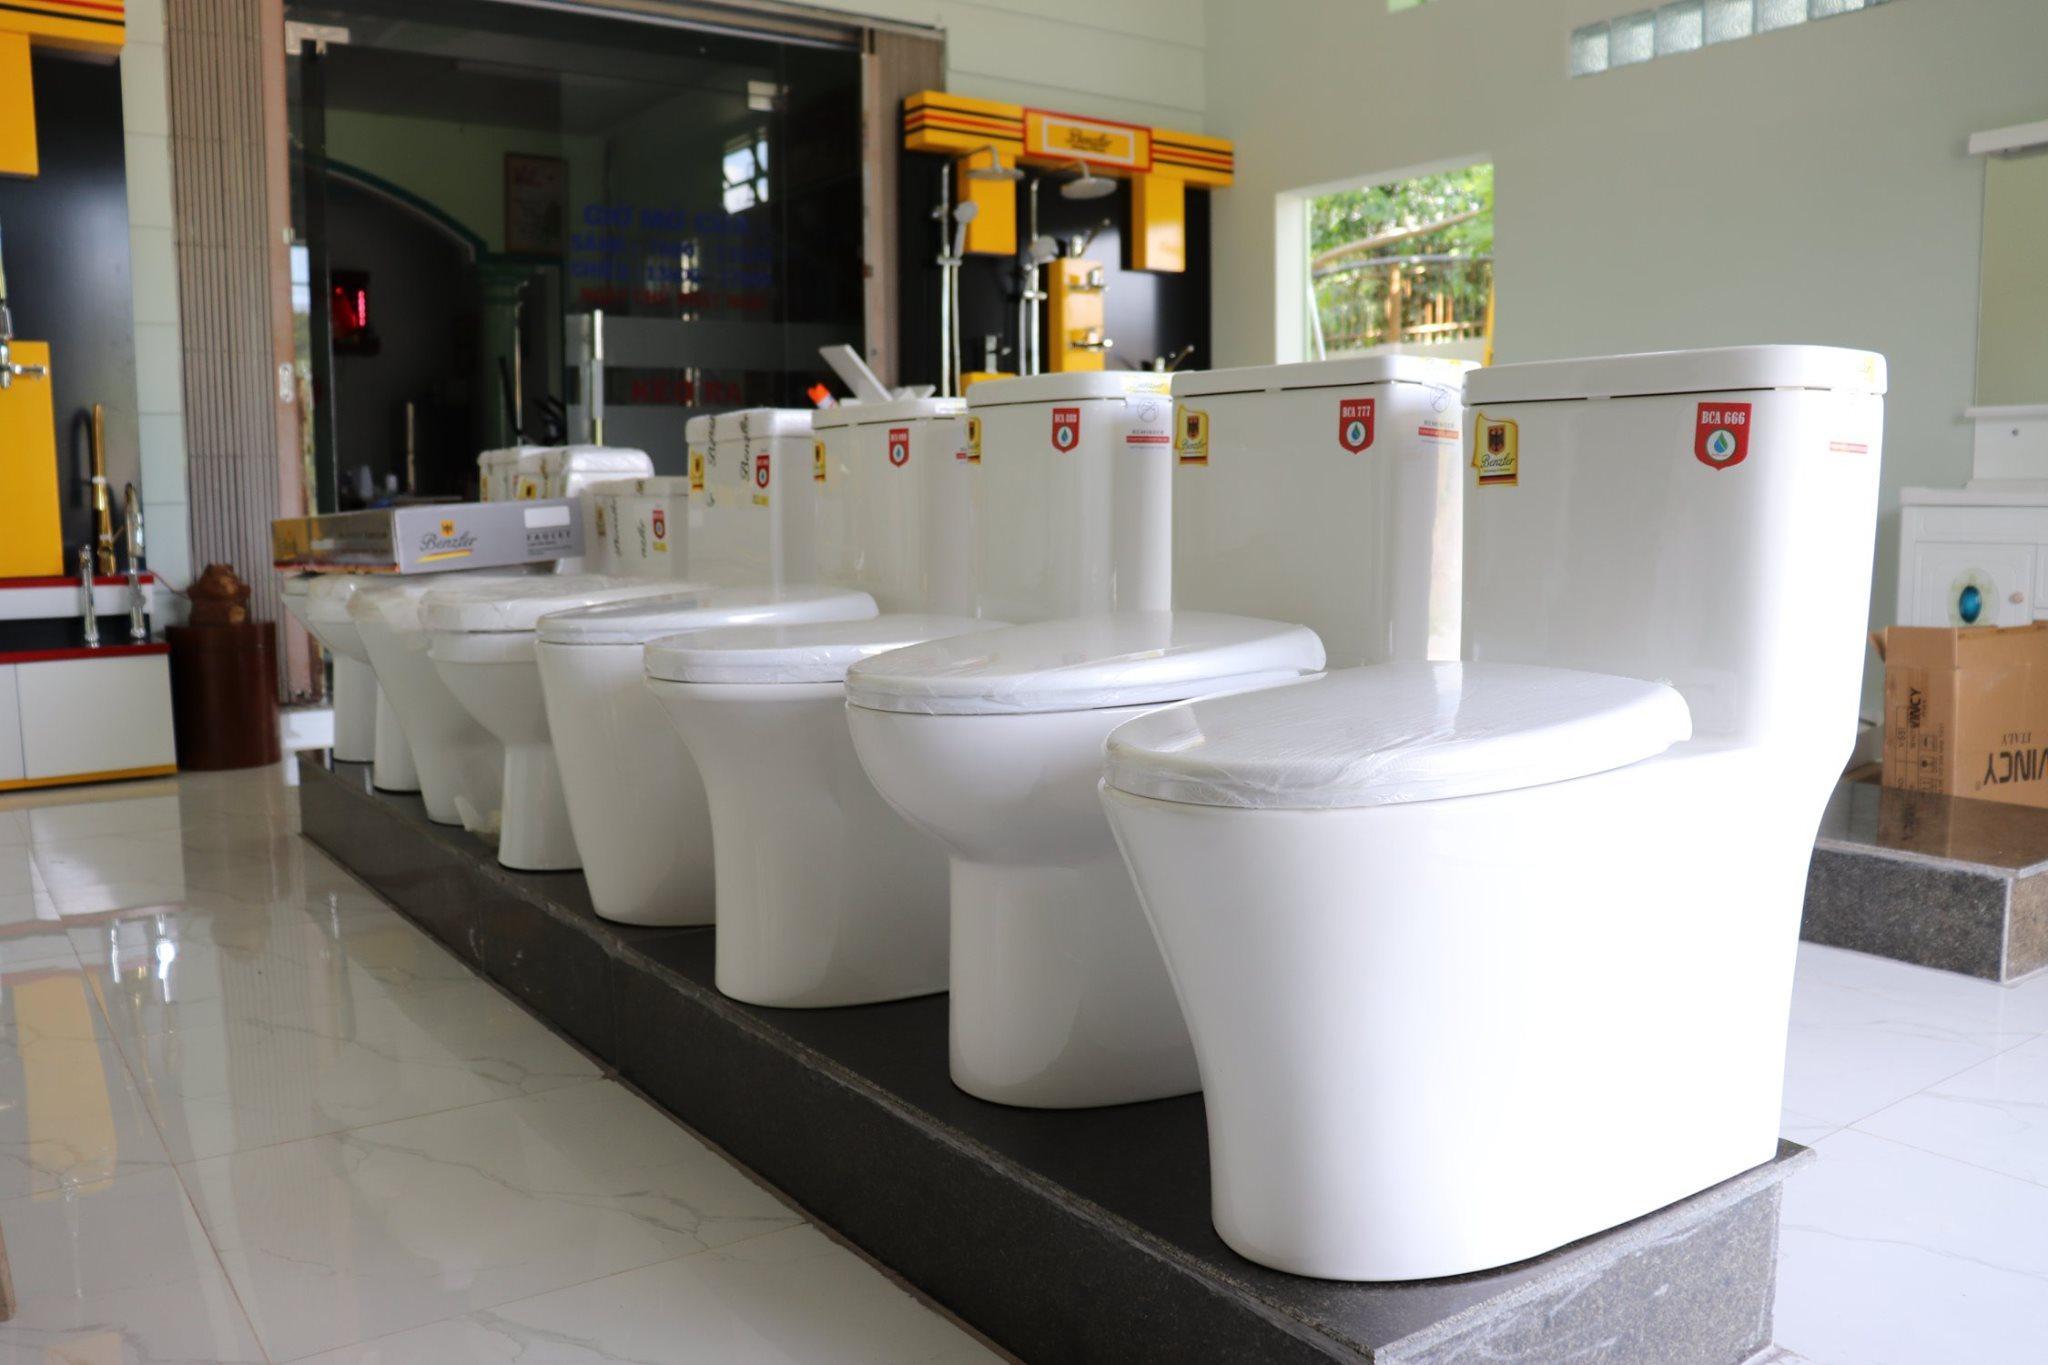 Tìm đại lý thiết bị vệ sinh cao cấp